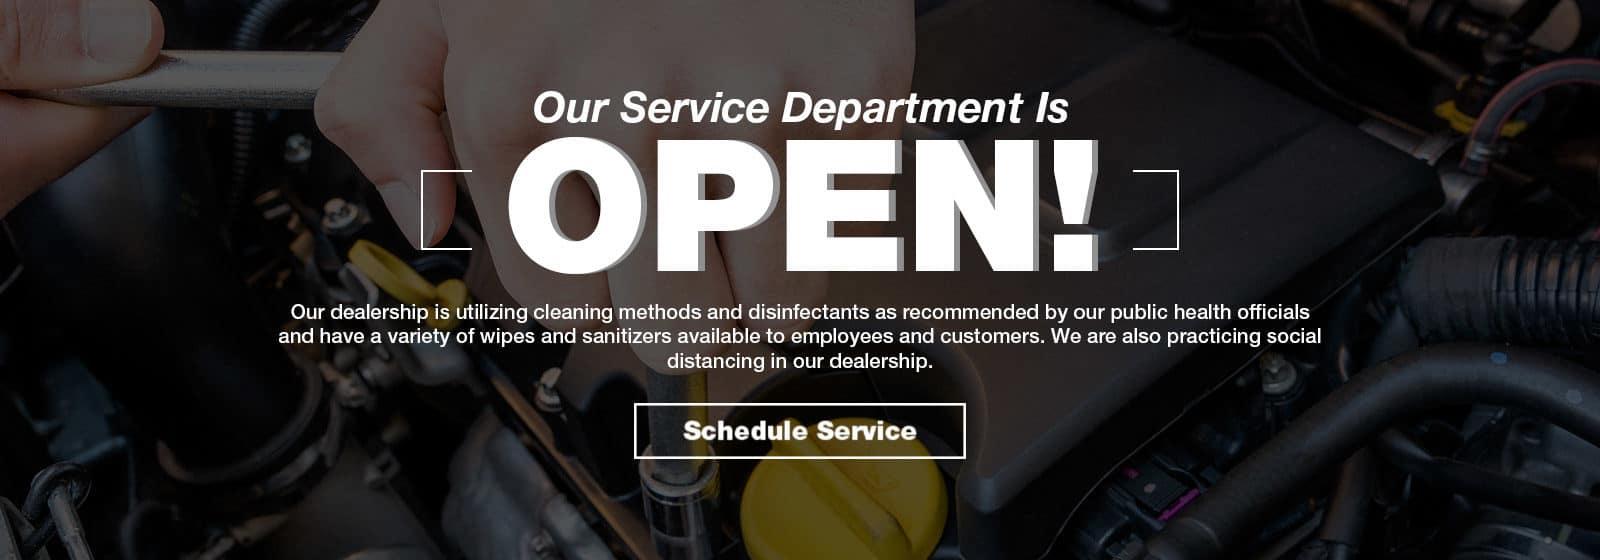 Service is open